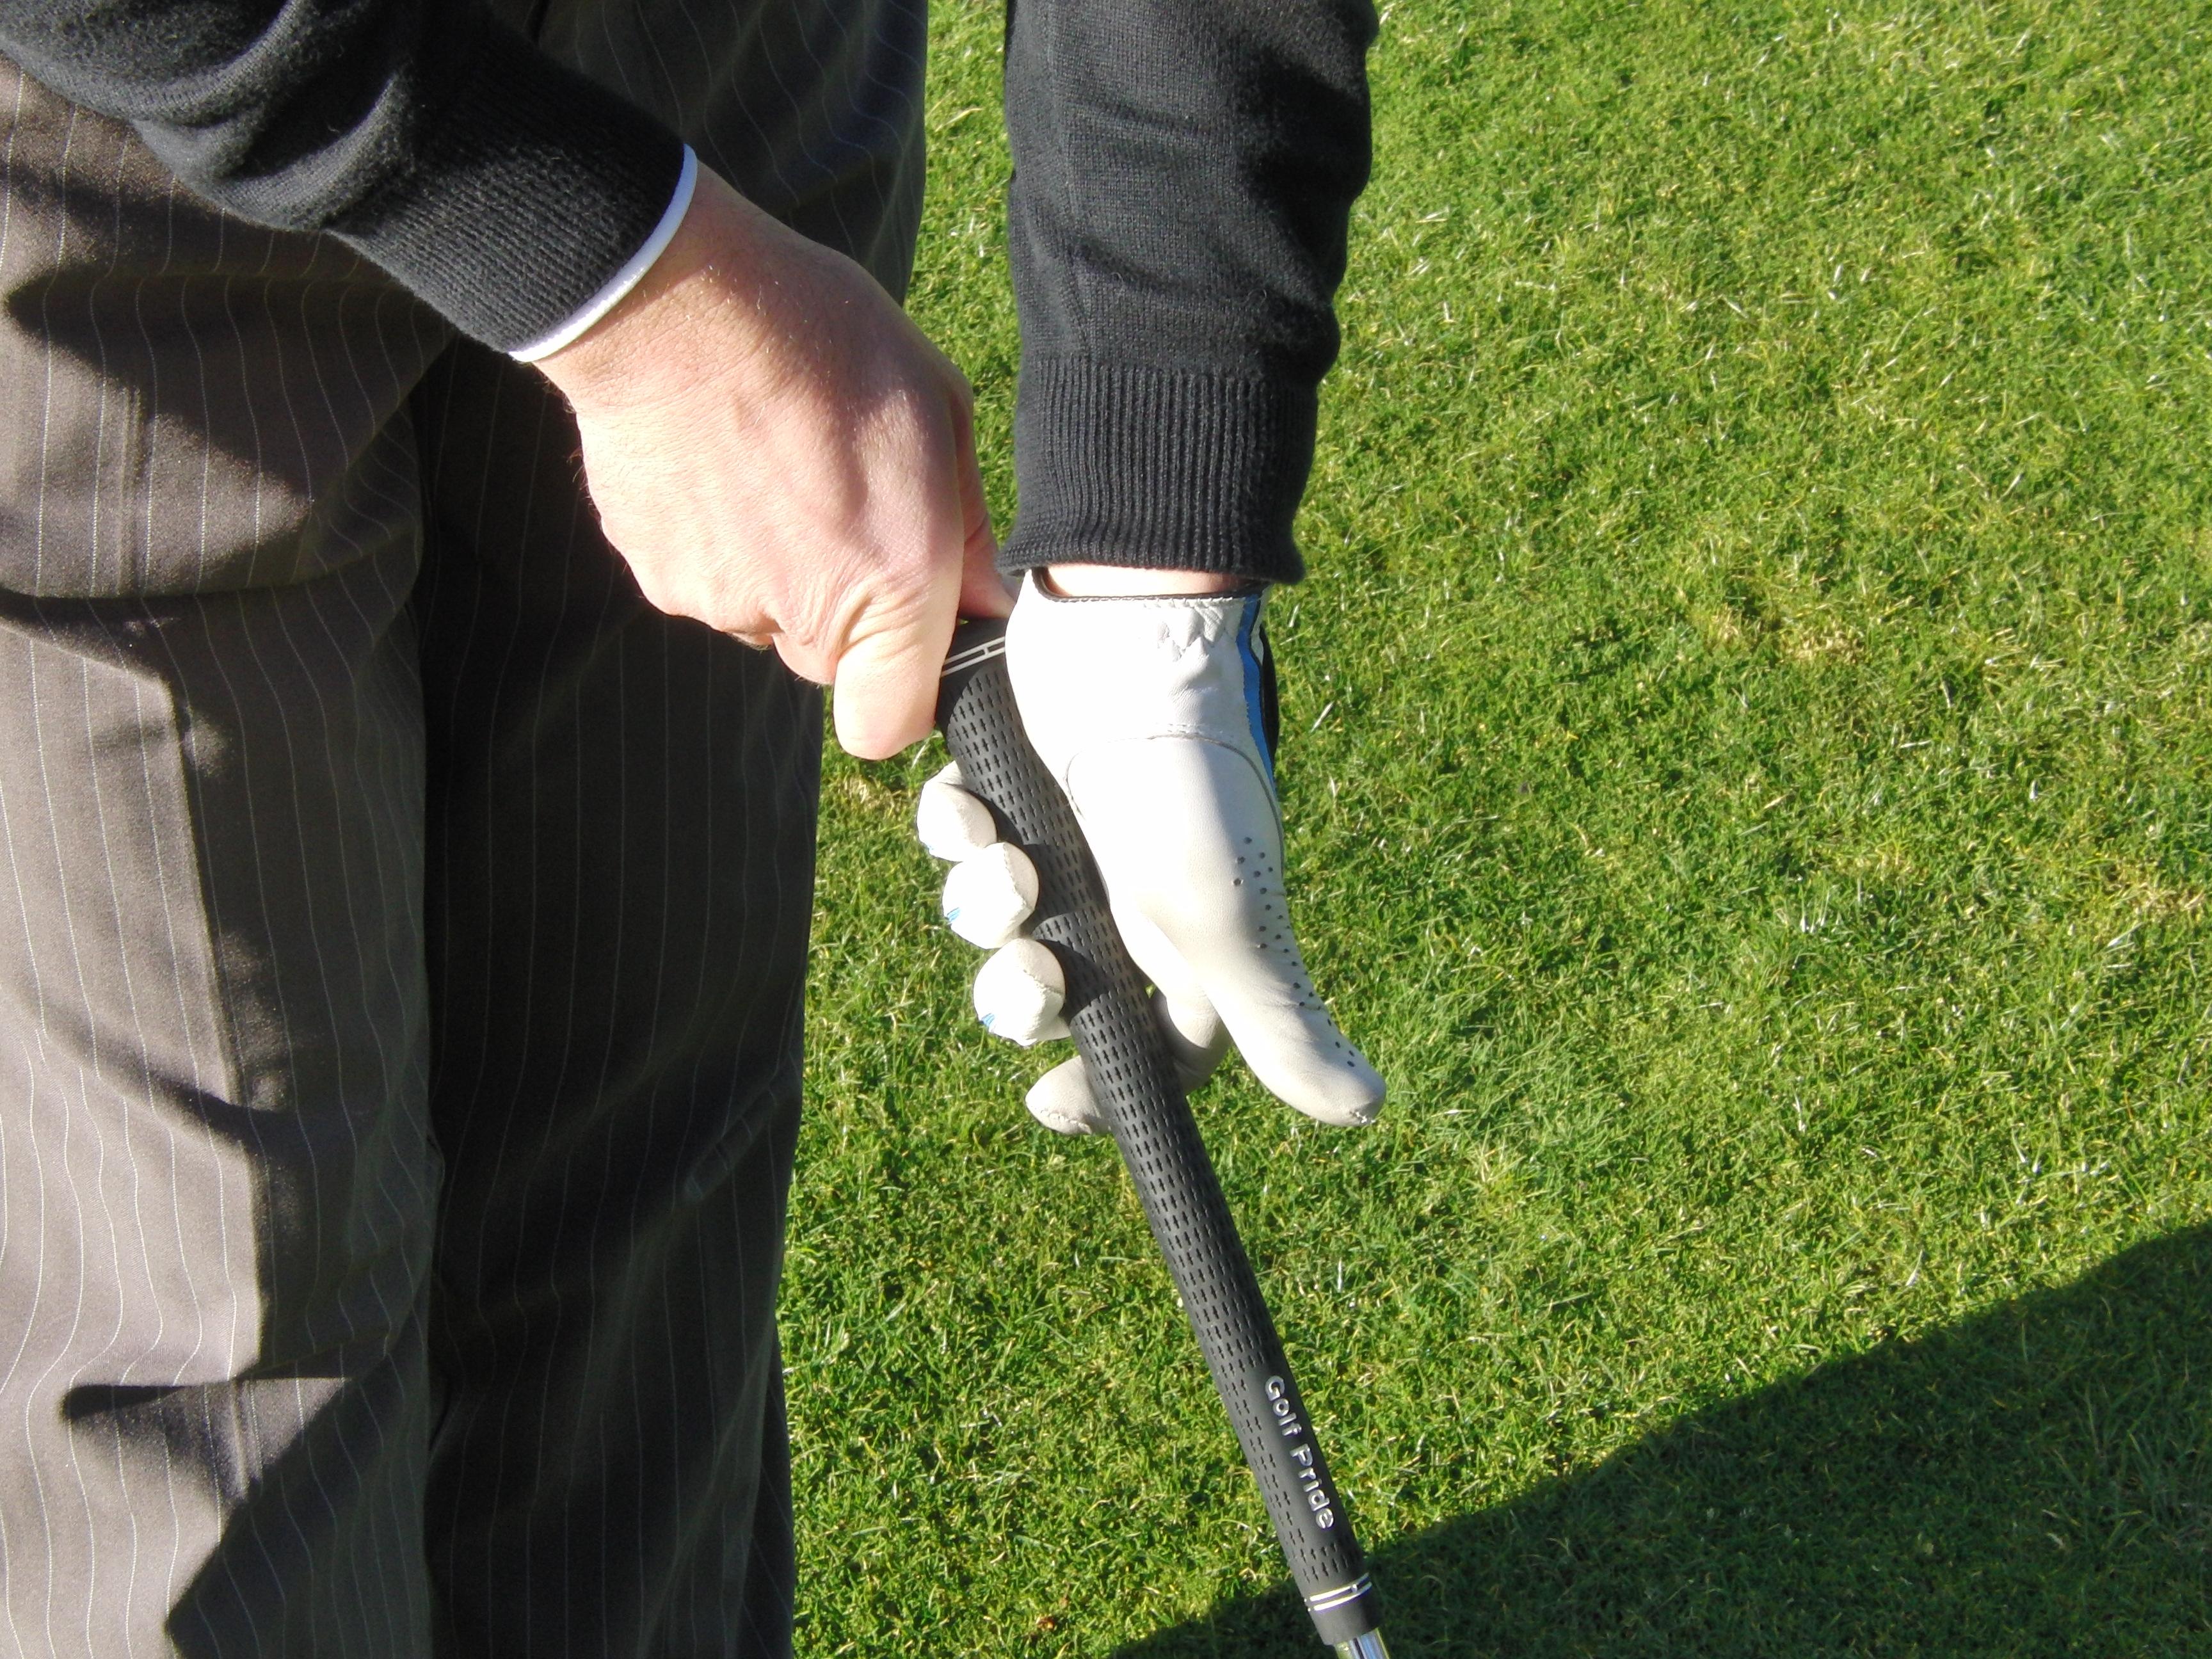 Thumb down golf all